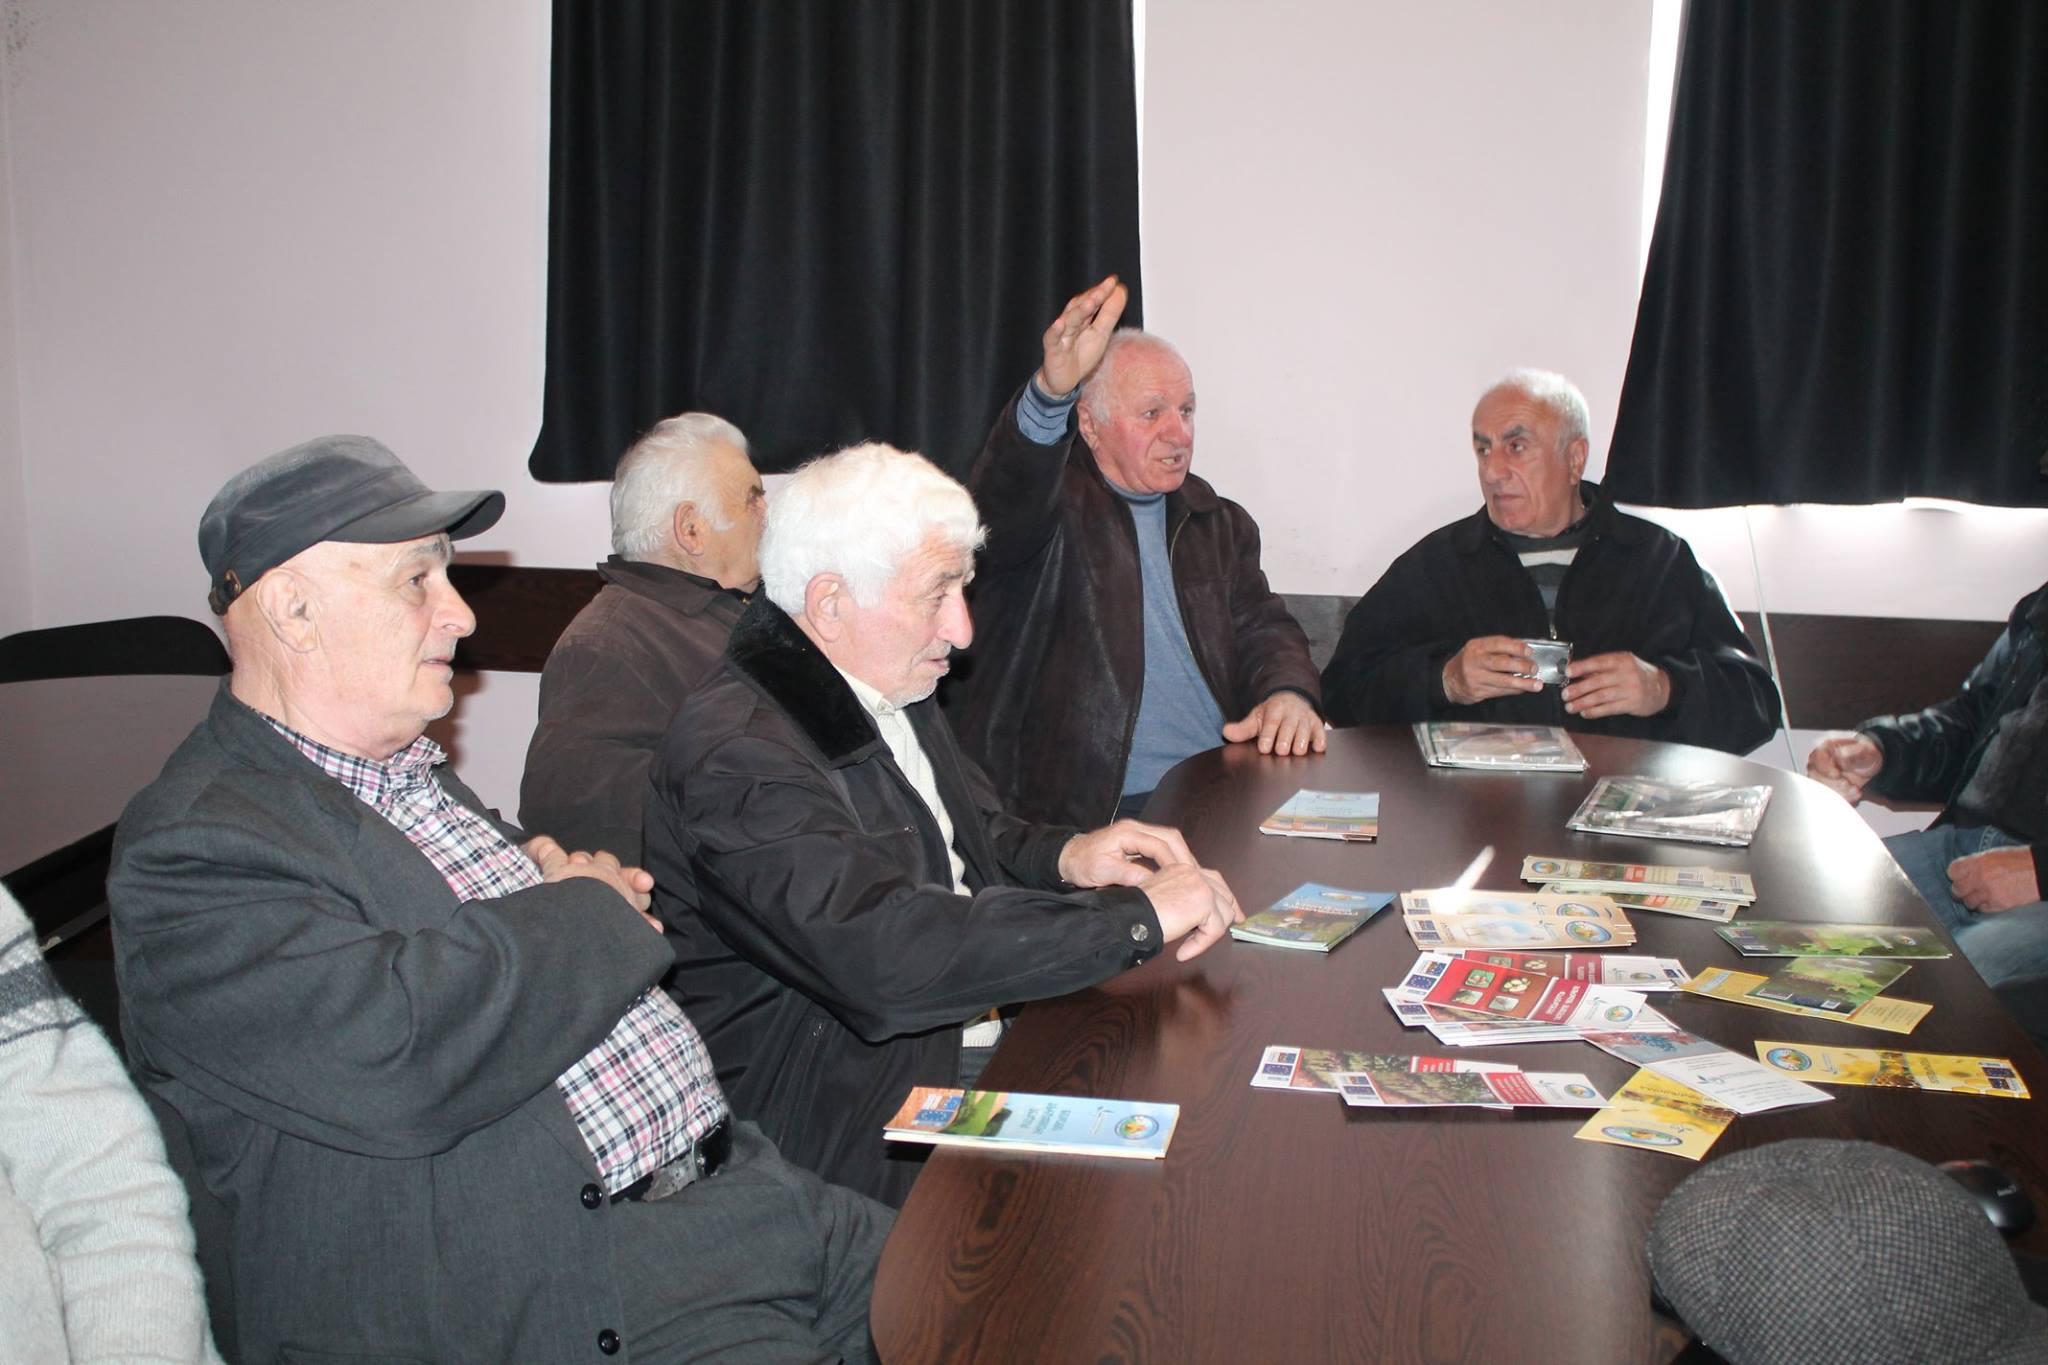 ხანდაზმულები სოფლის მეურნეობის სამინისტროს პროგრამებს გაეცნენ